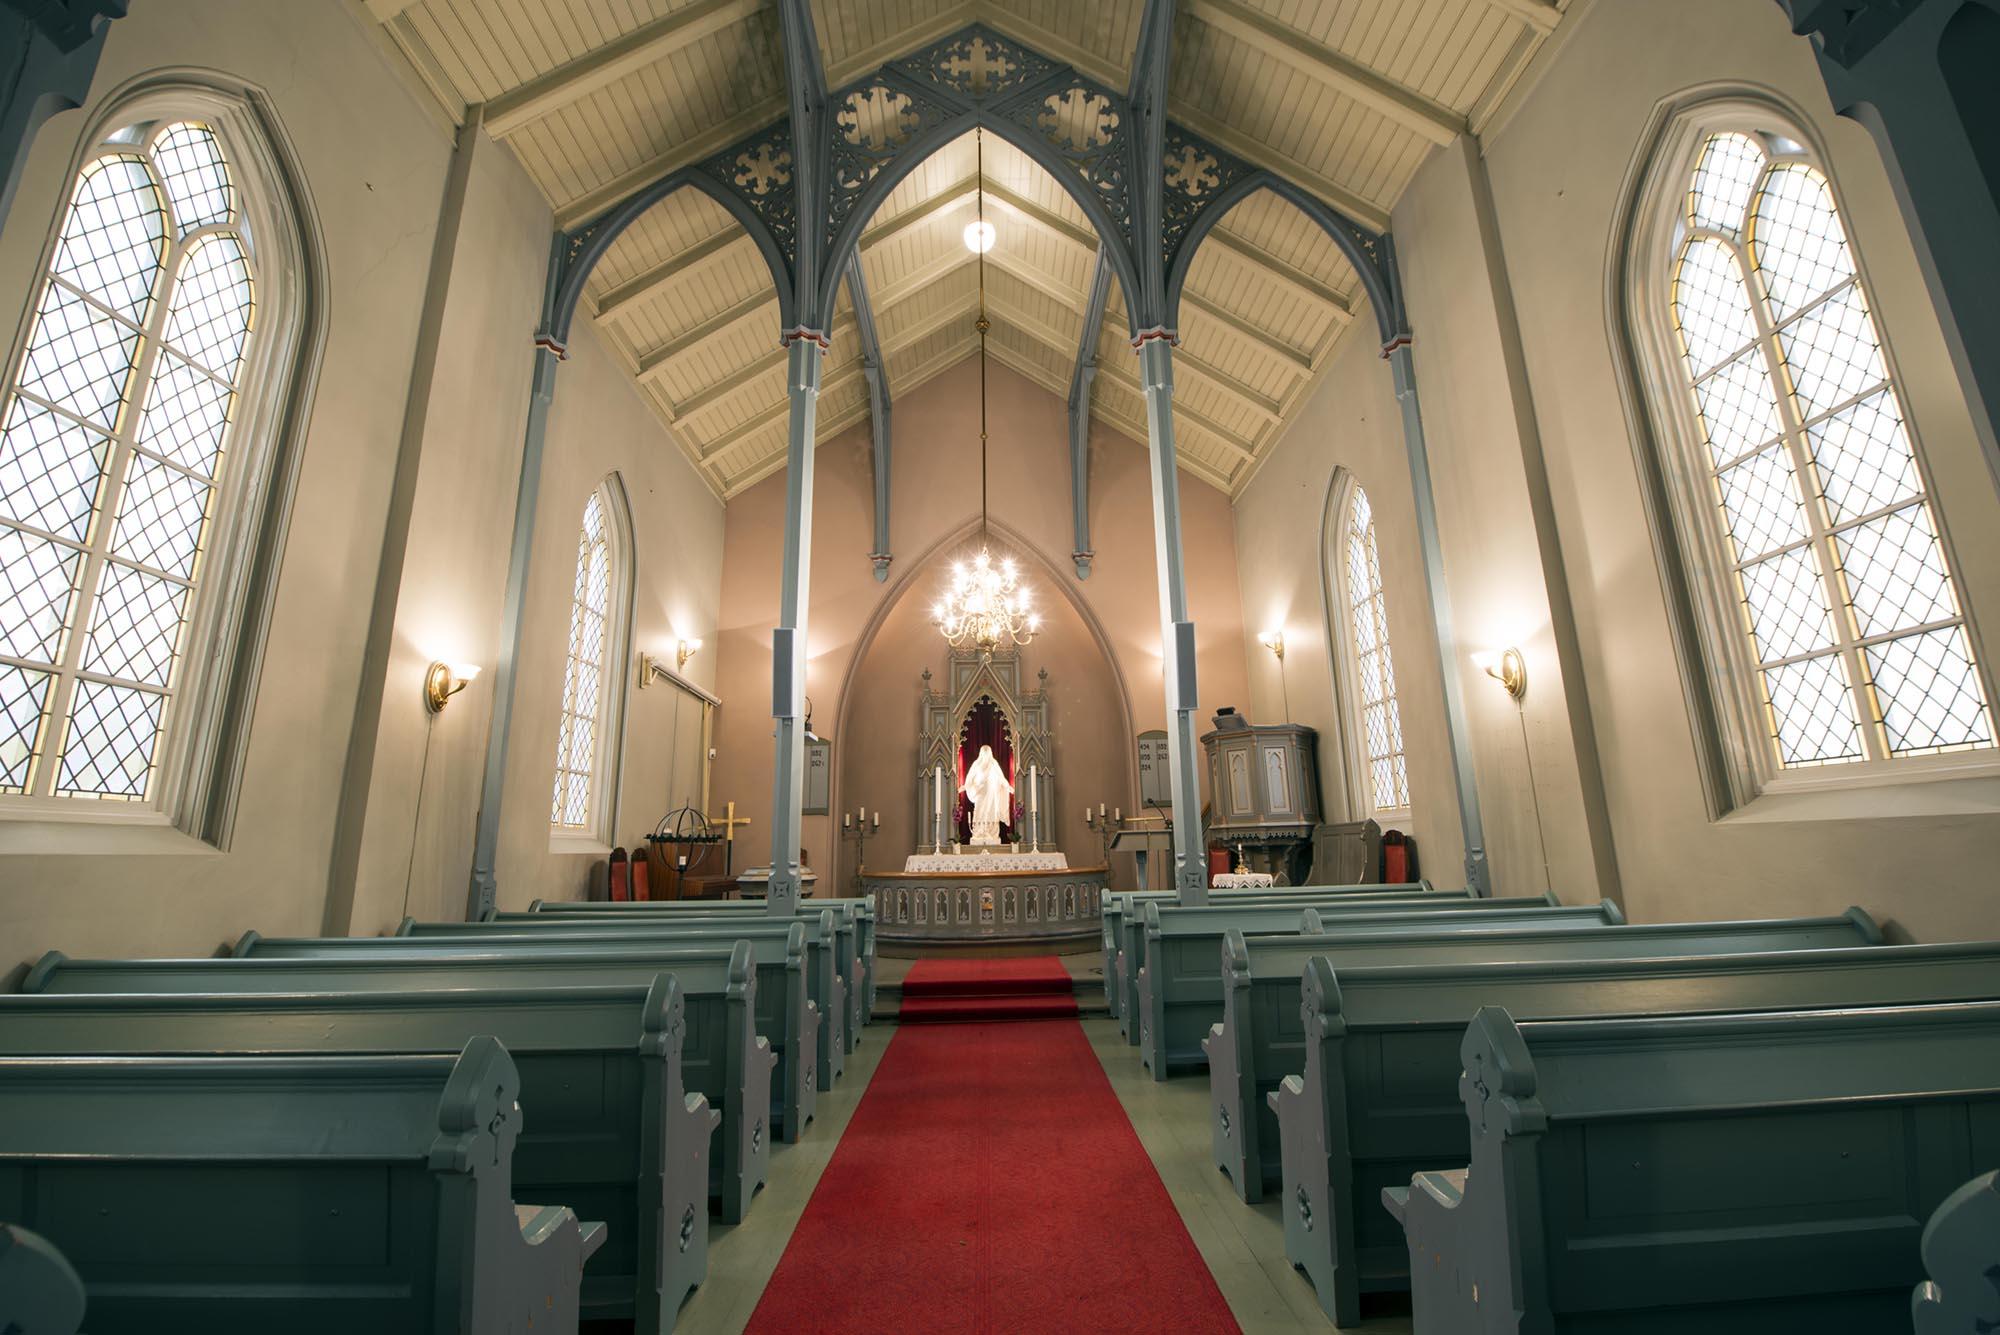 Tuft kirke i Hvittingfoss. Foto: Bjørn Isaksen/3600.no